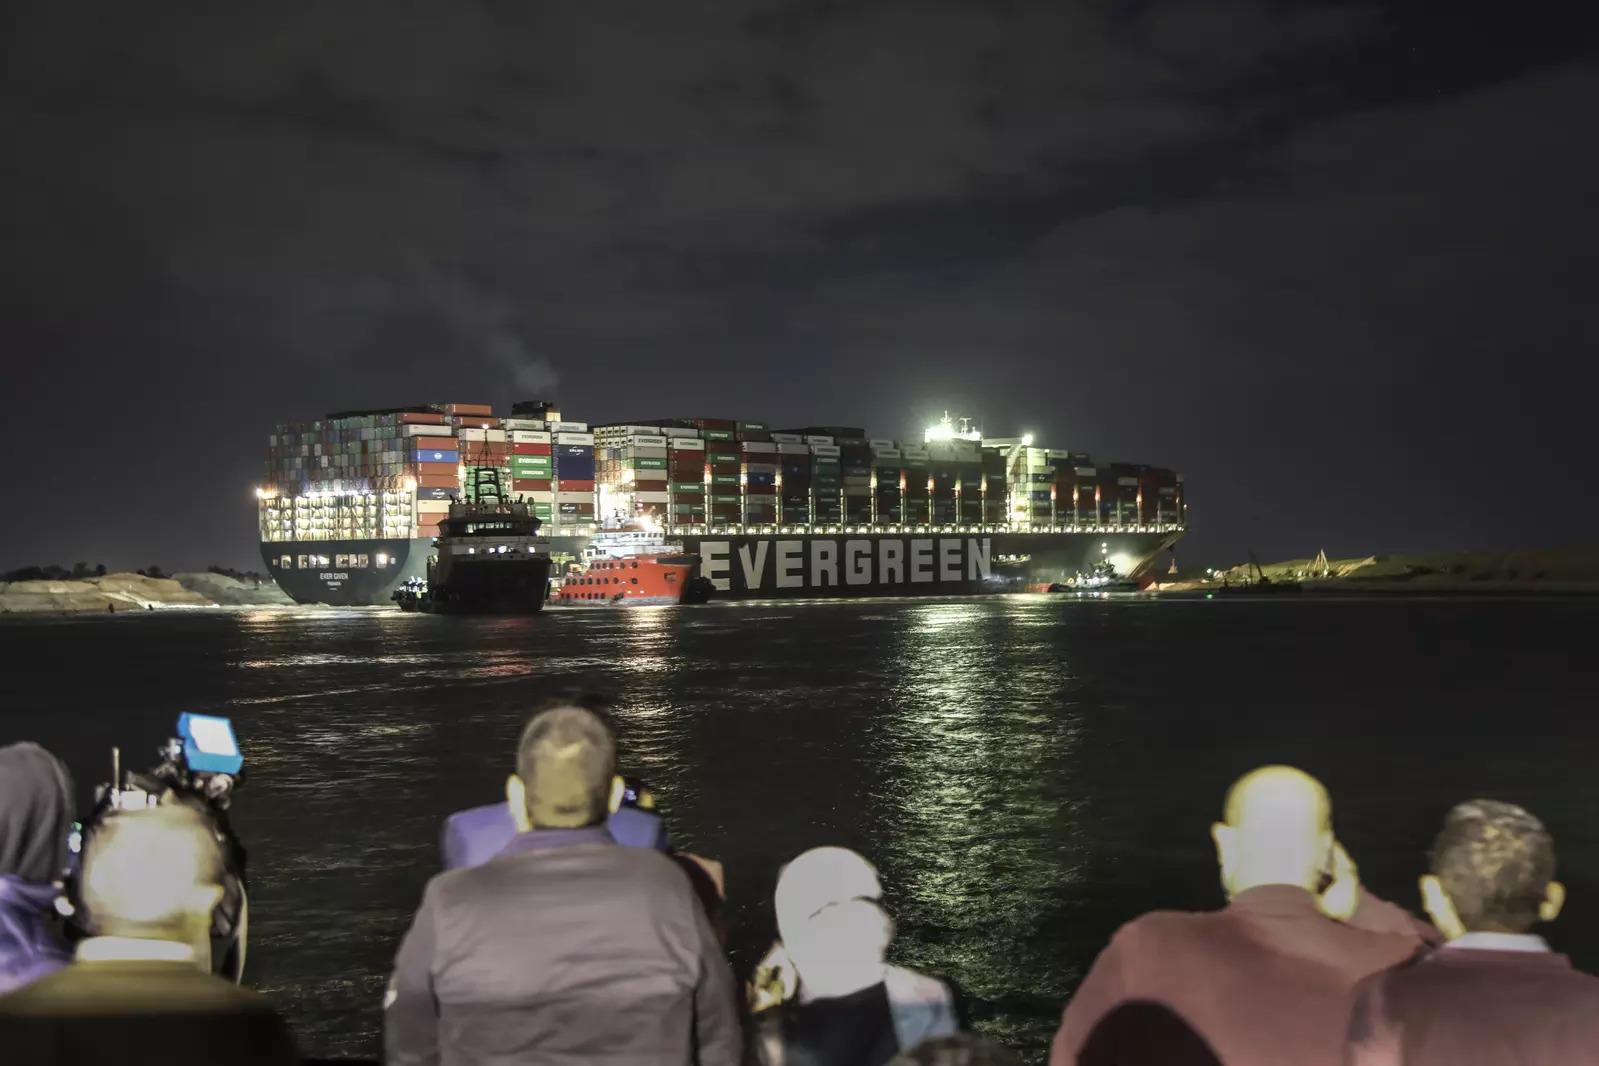 कभी-कभी, एक पनामा-ध्वजवाहक मालवाहक जहाज, जो स्वेज नहर के पार जाता है और महत्वपूर्ण जलमार्ग में यातायात को अवरुद्ध करता है।